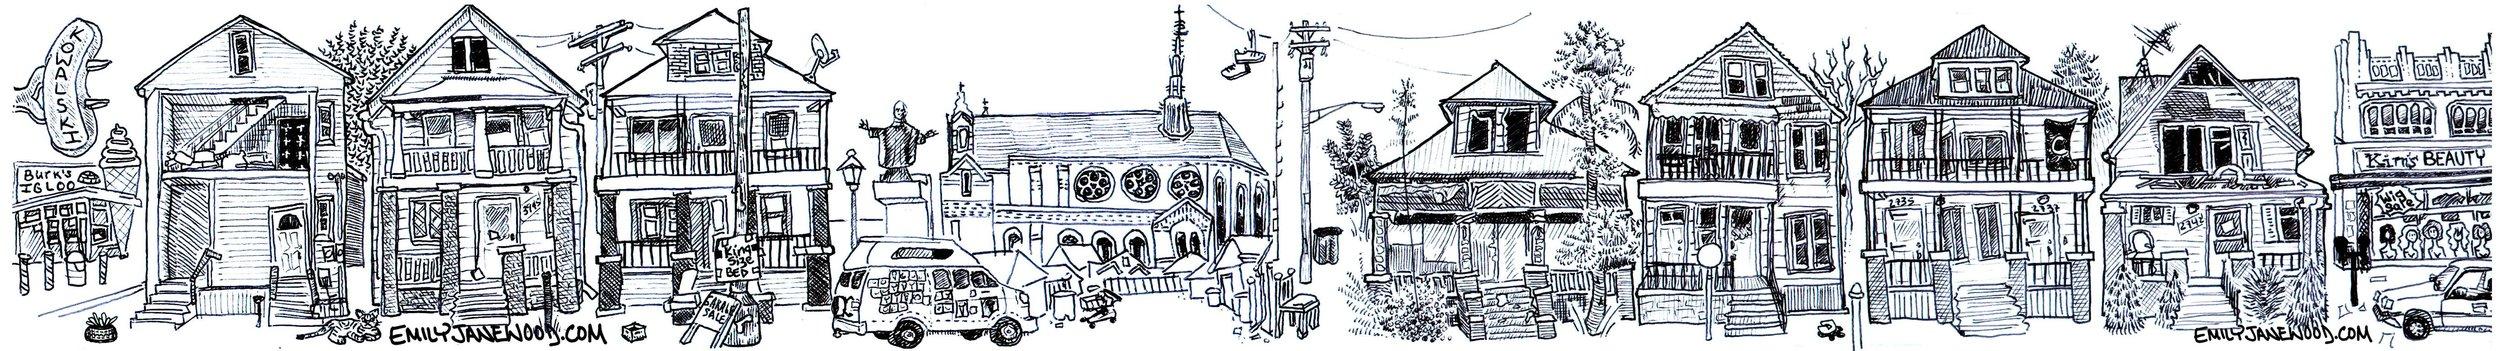 Illustration by   Emily Wood  ! (  emilyjanewood.com  )